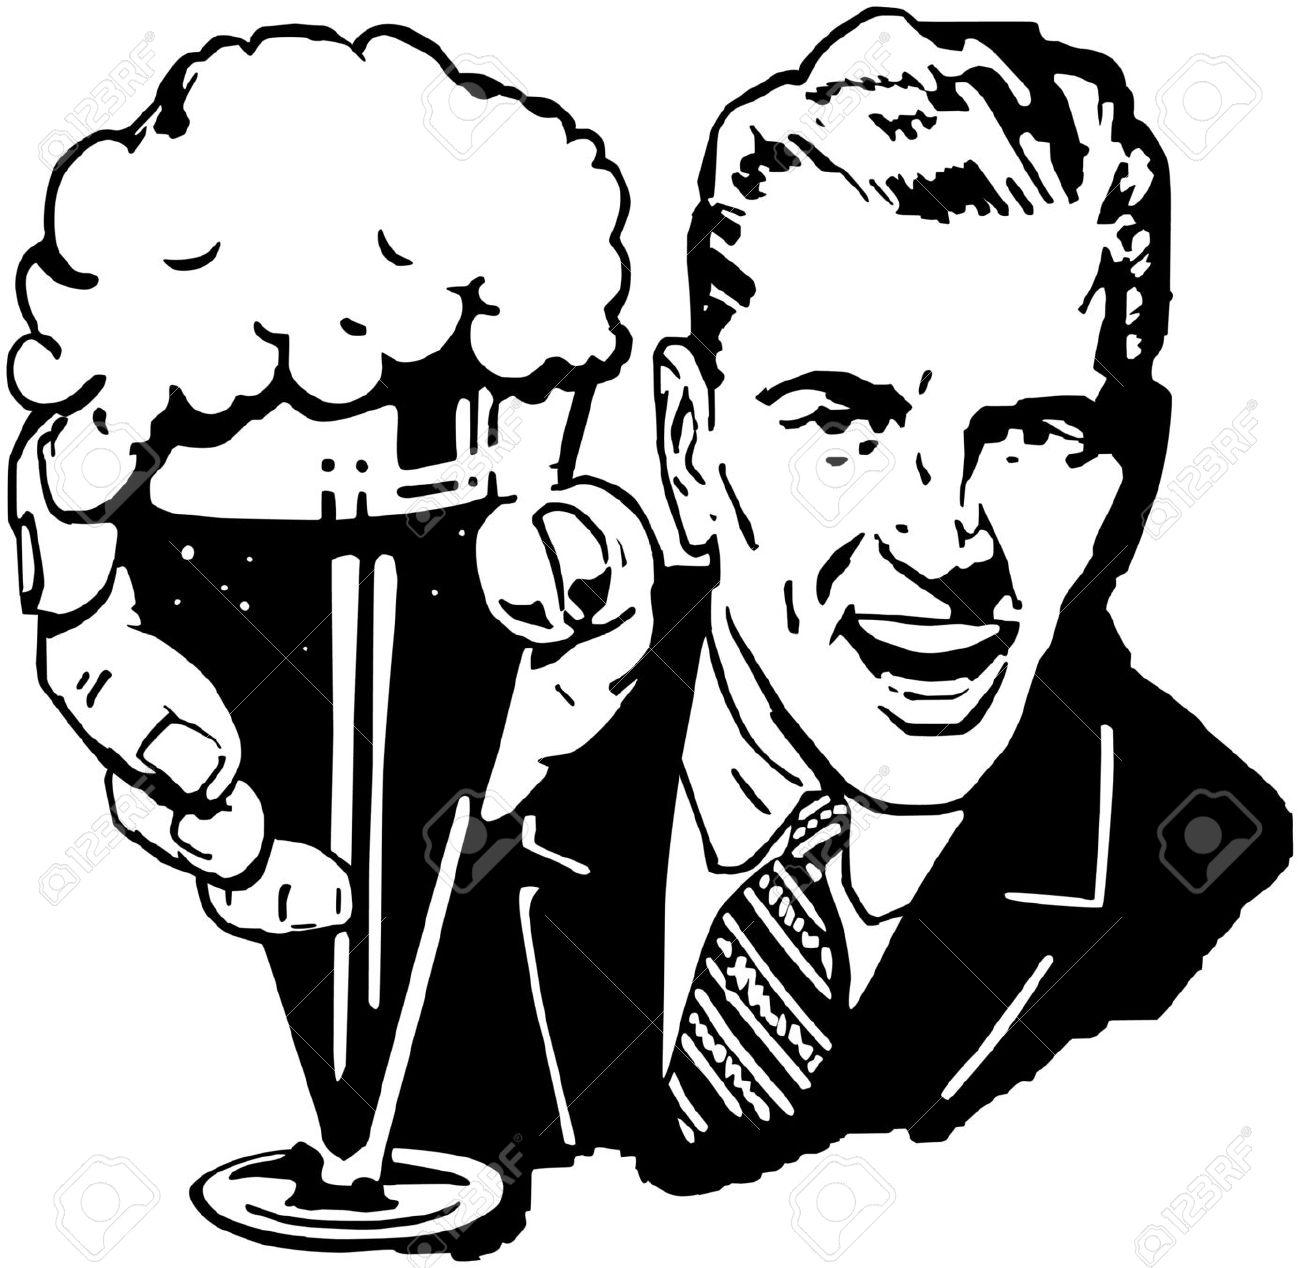 1300x1268 Drawn Beer Beer Cheer